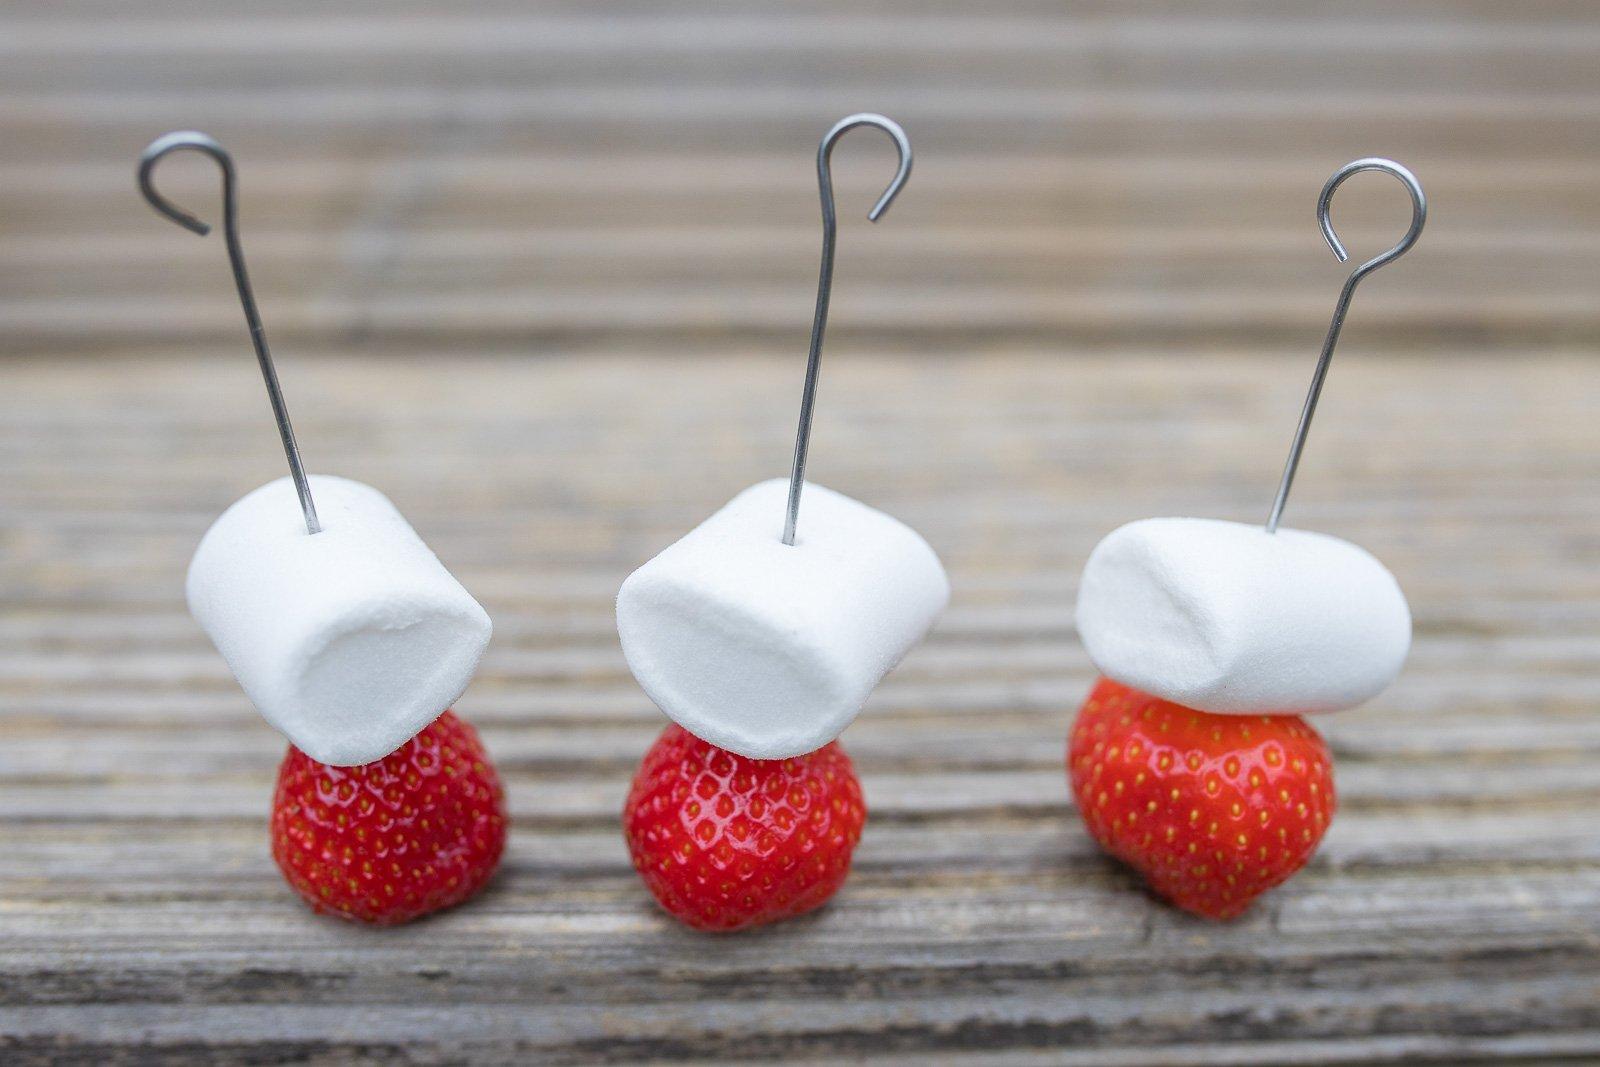 gegrillte marshmallow Erdbeeren grill